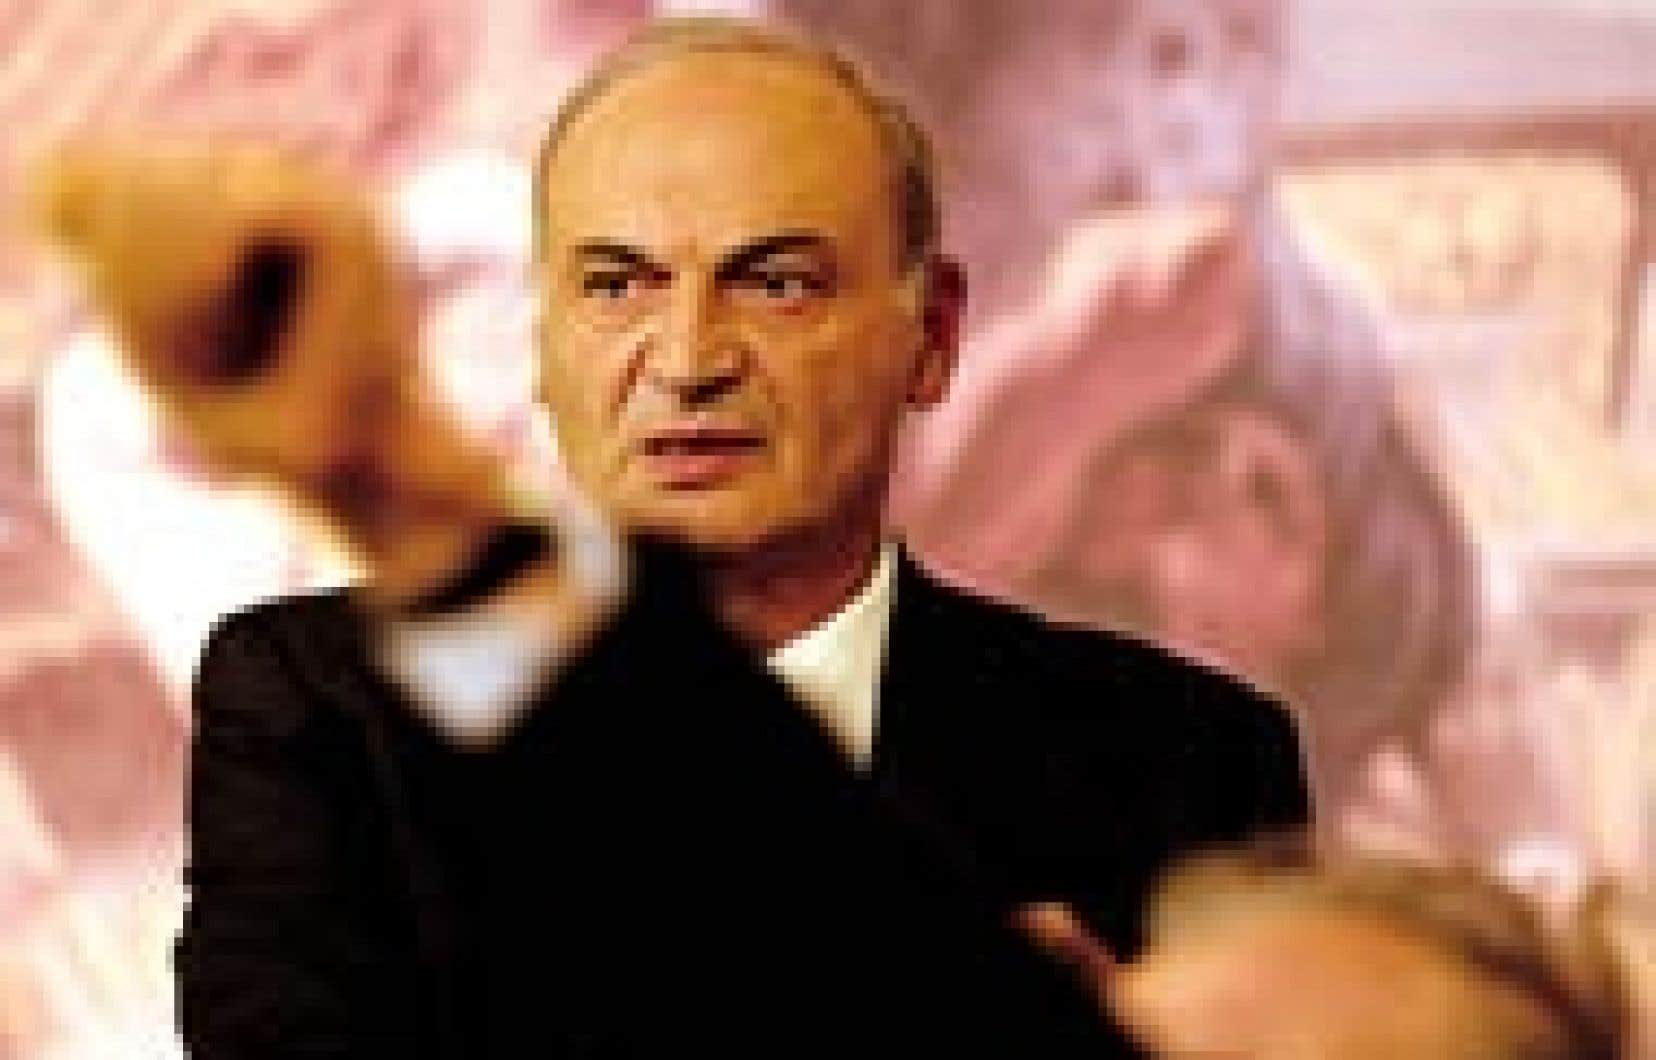 Le ministre italien de l'Industrie, Antonio Marzano, lors d'une conférence de presse à propos de la crise Parmalat.